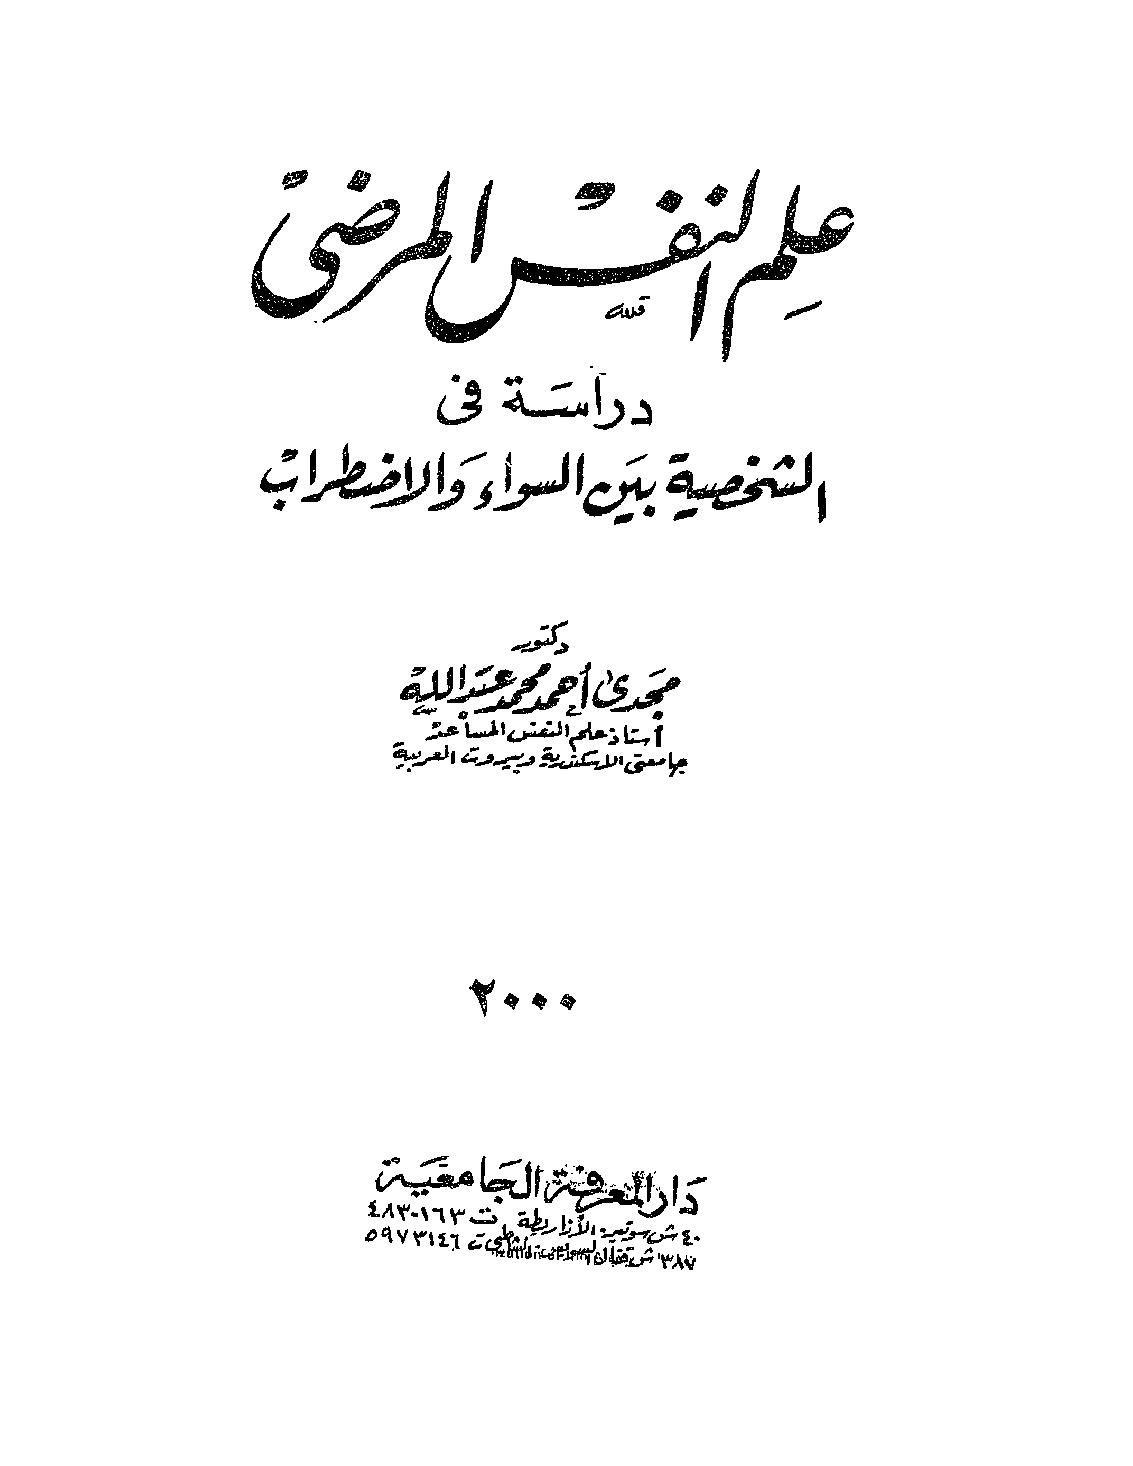 علم النفس المرضي رابط التحميل Https Archive Org Download Almalnafs Almnafsmtfreq74 Pdf Books Books To Read Reading